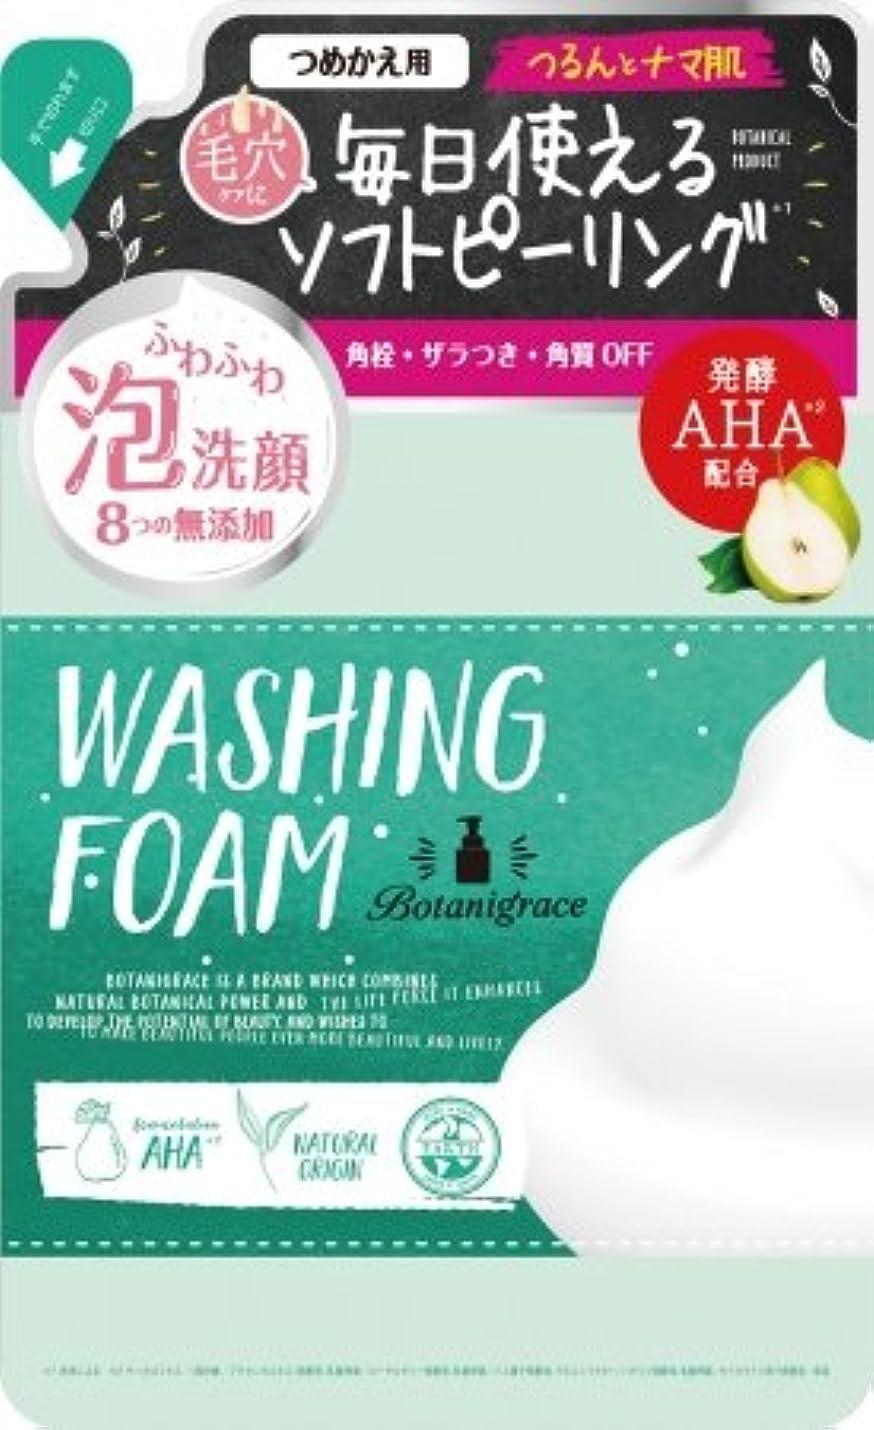 国巨大な厳しいボタニグレース バブルピール泡洗顔 つめ替 130ml